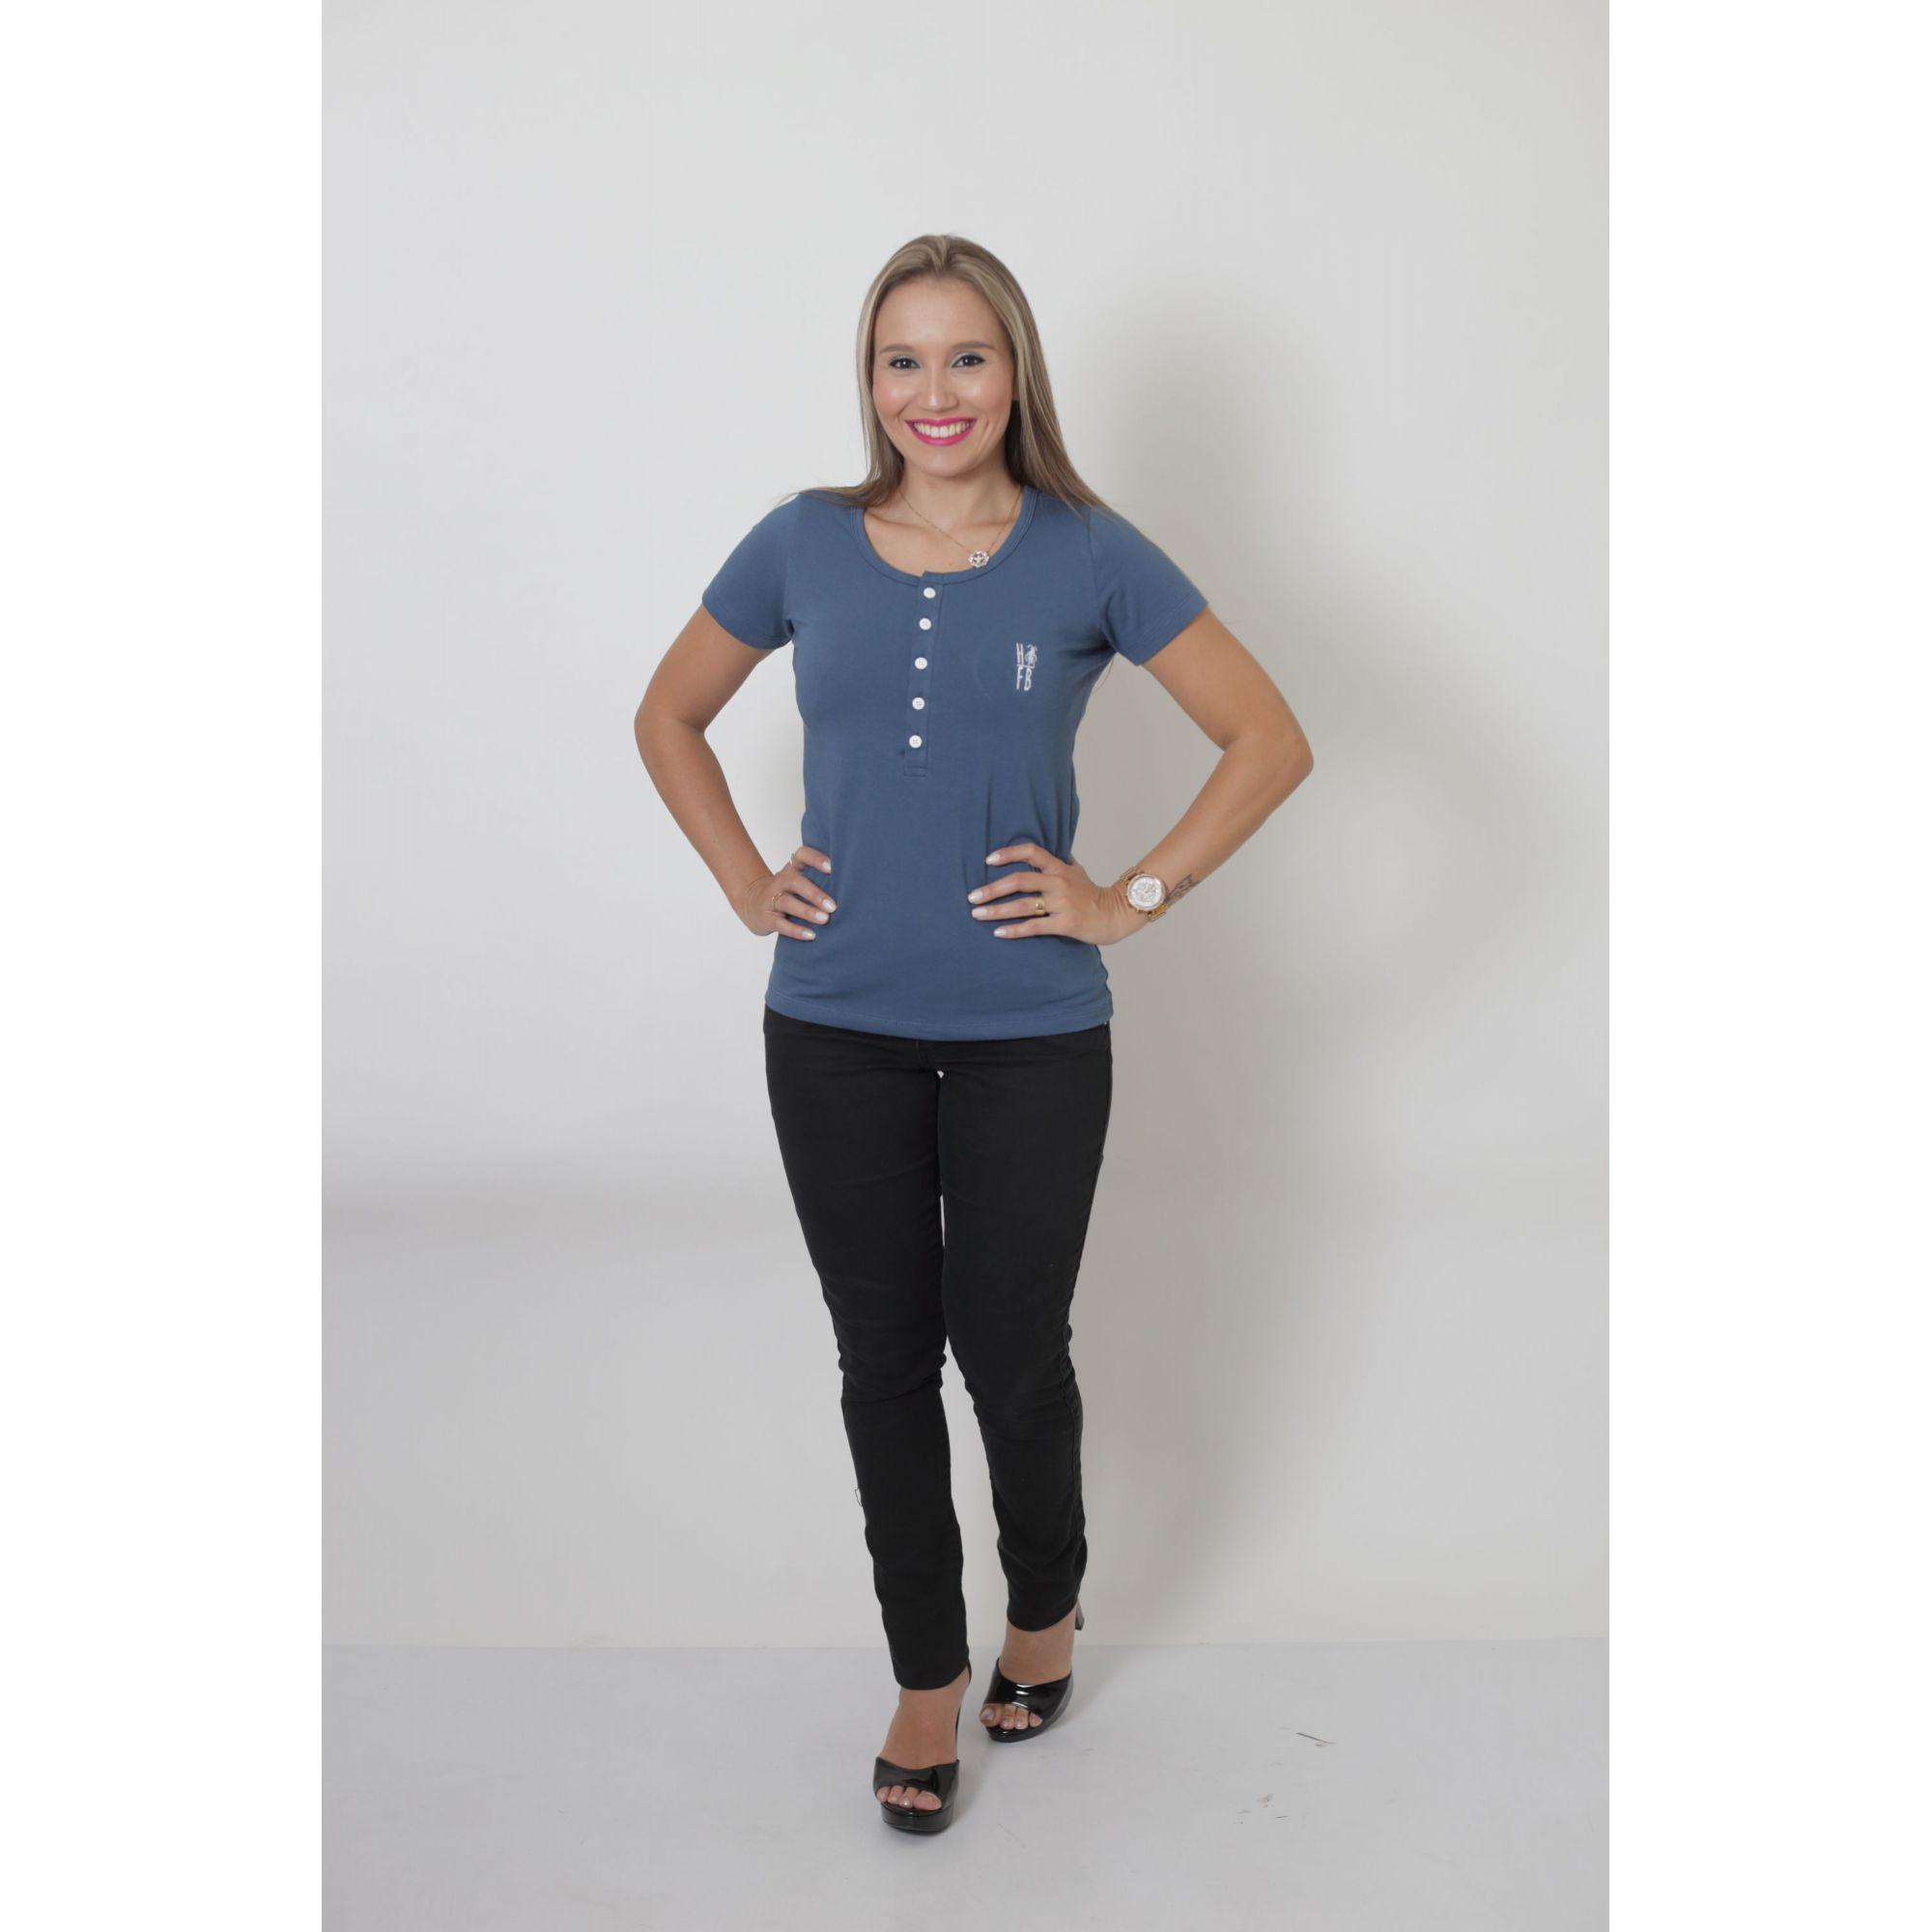 MÃE E FILHOS > Kit 02 Peças - T-Shirt + Body Henley Unissex - Azul Petróleo [Coleção Tal Mãe Tal Filhos]  - Heitor Fashion Brazil